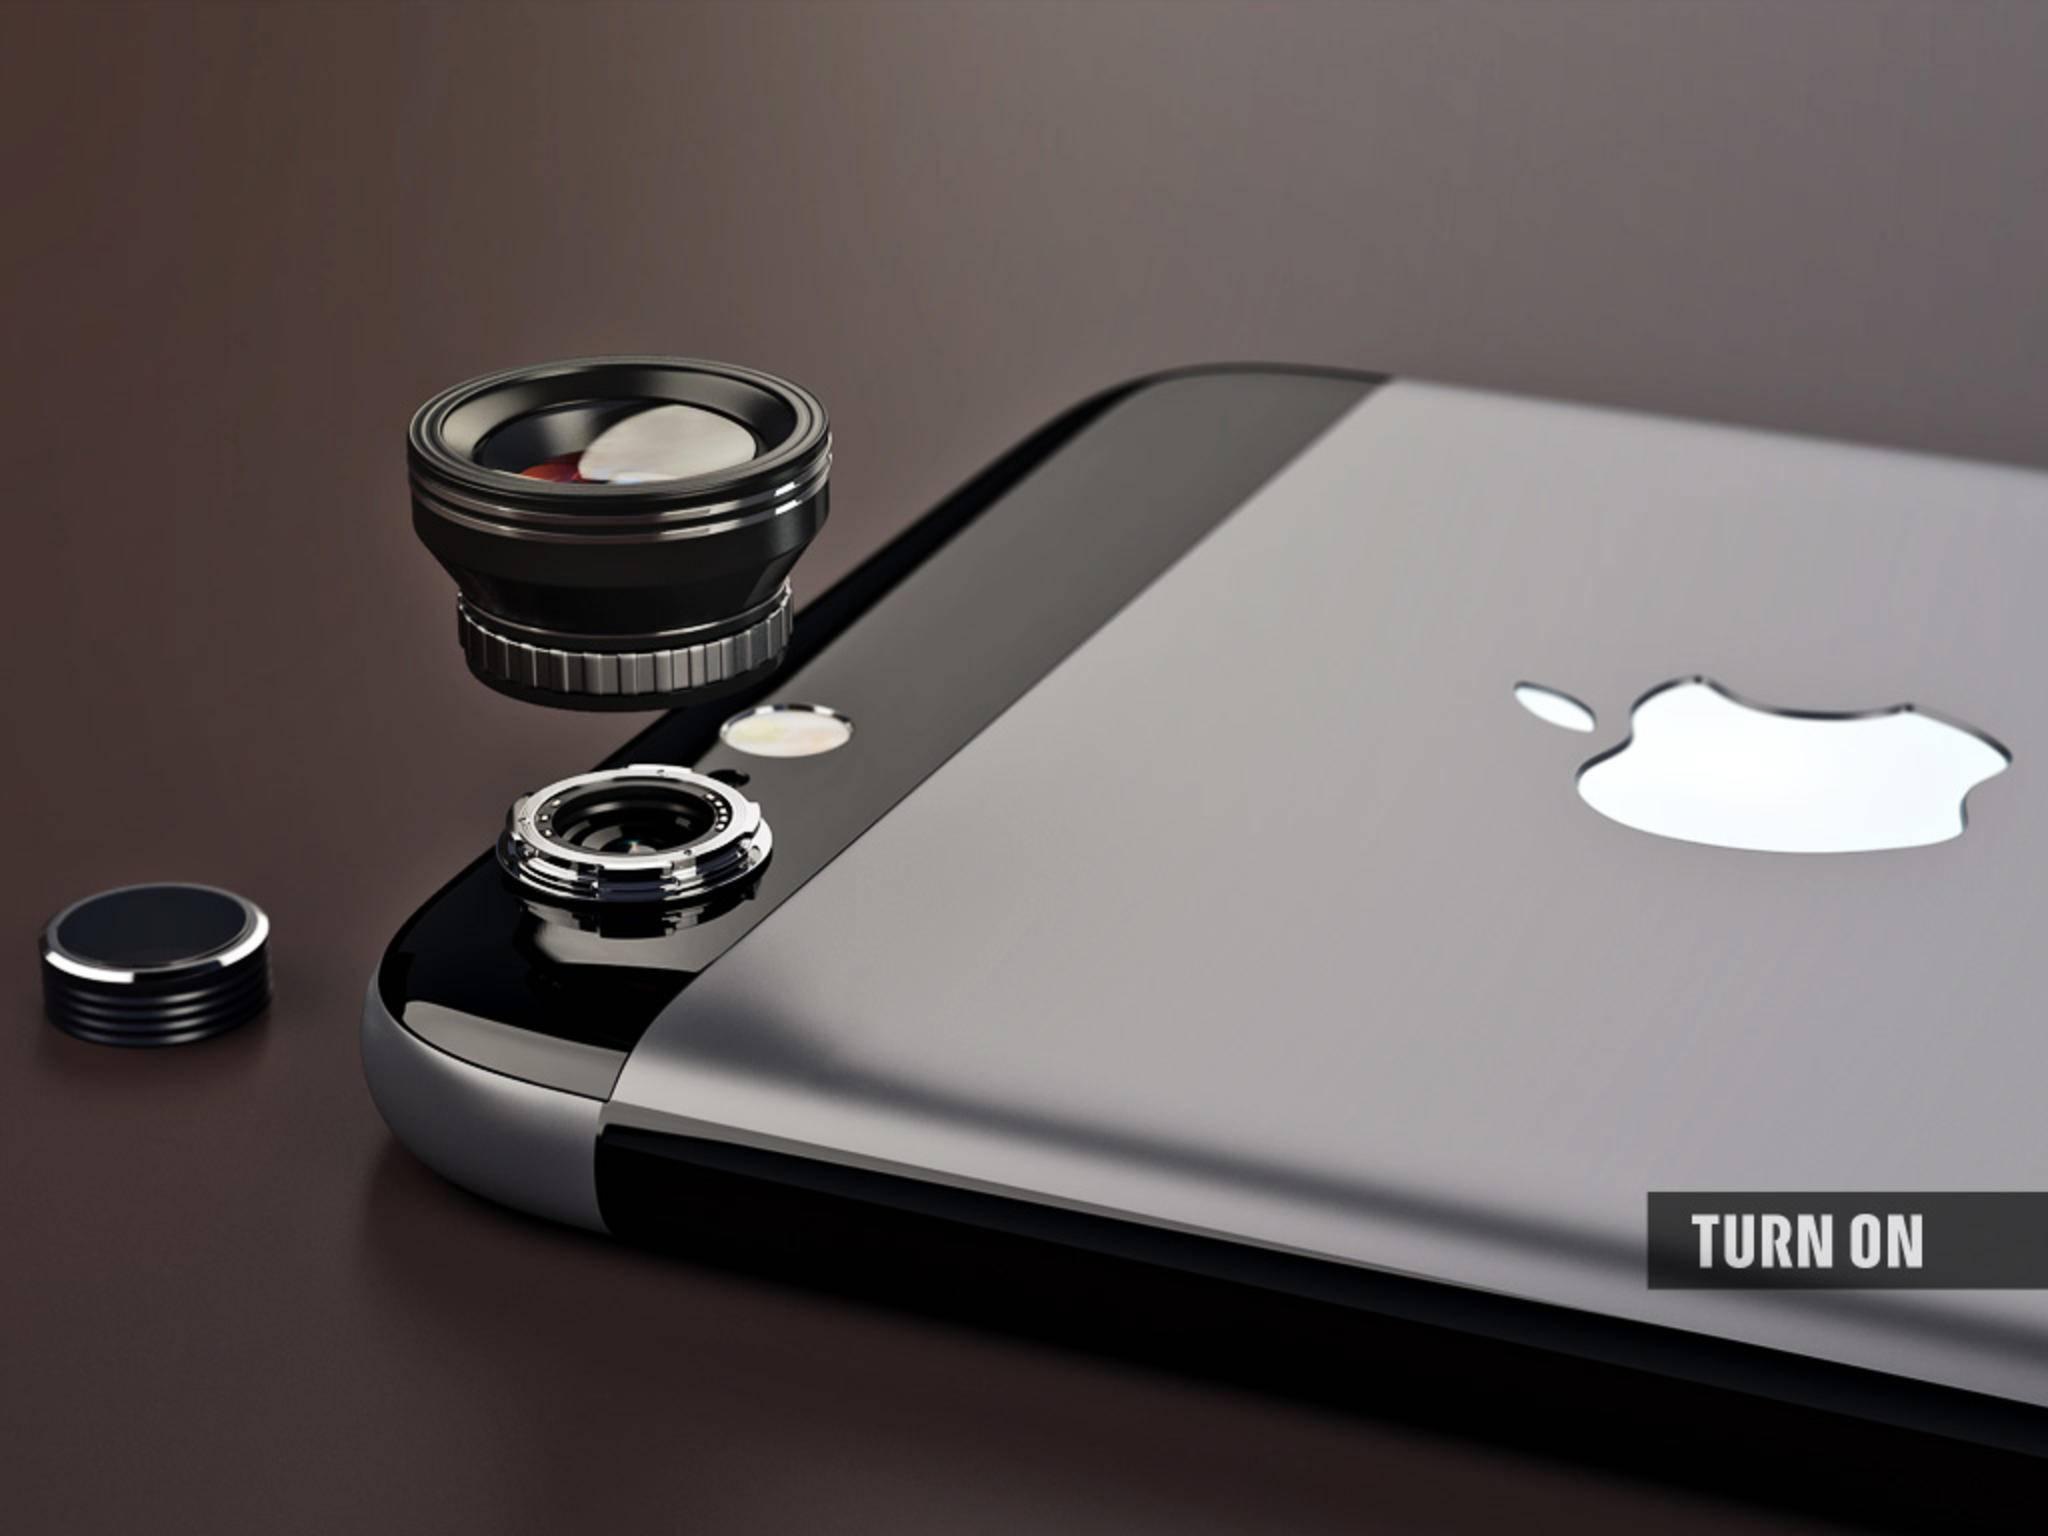 Die Fotoqualität wird bei Apples iPhone-Modellen seit jeher großgeschrieben.